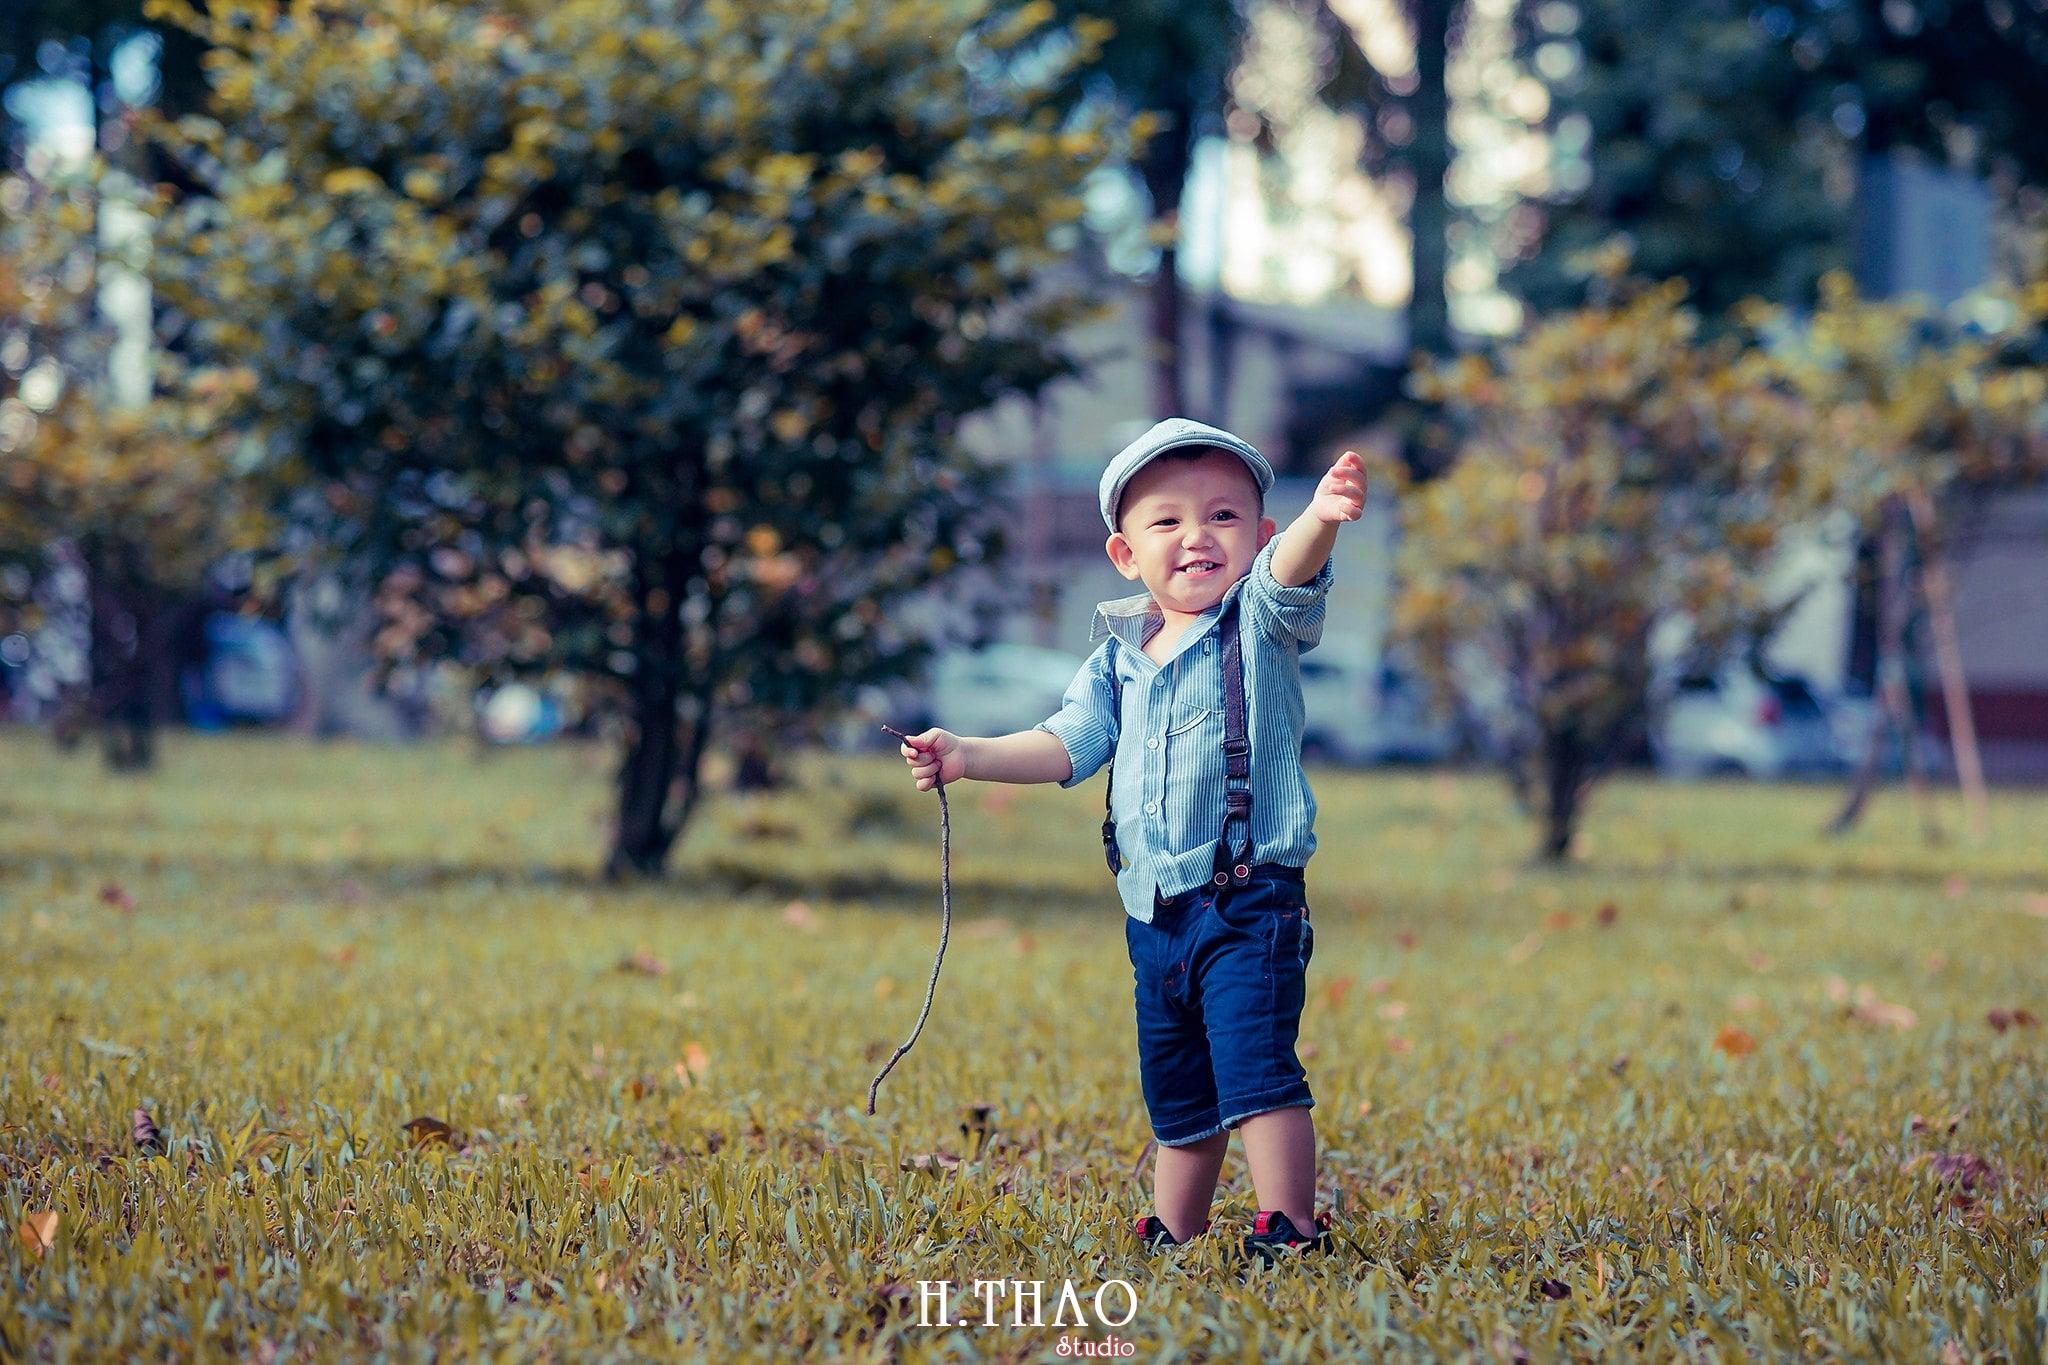 Judo 14 1 - Album ảnh bé chụp tại công viên Tao Đàn tuyệt đẹp - HThao Studio